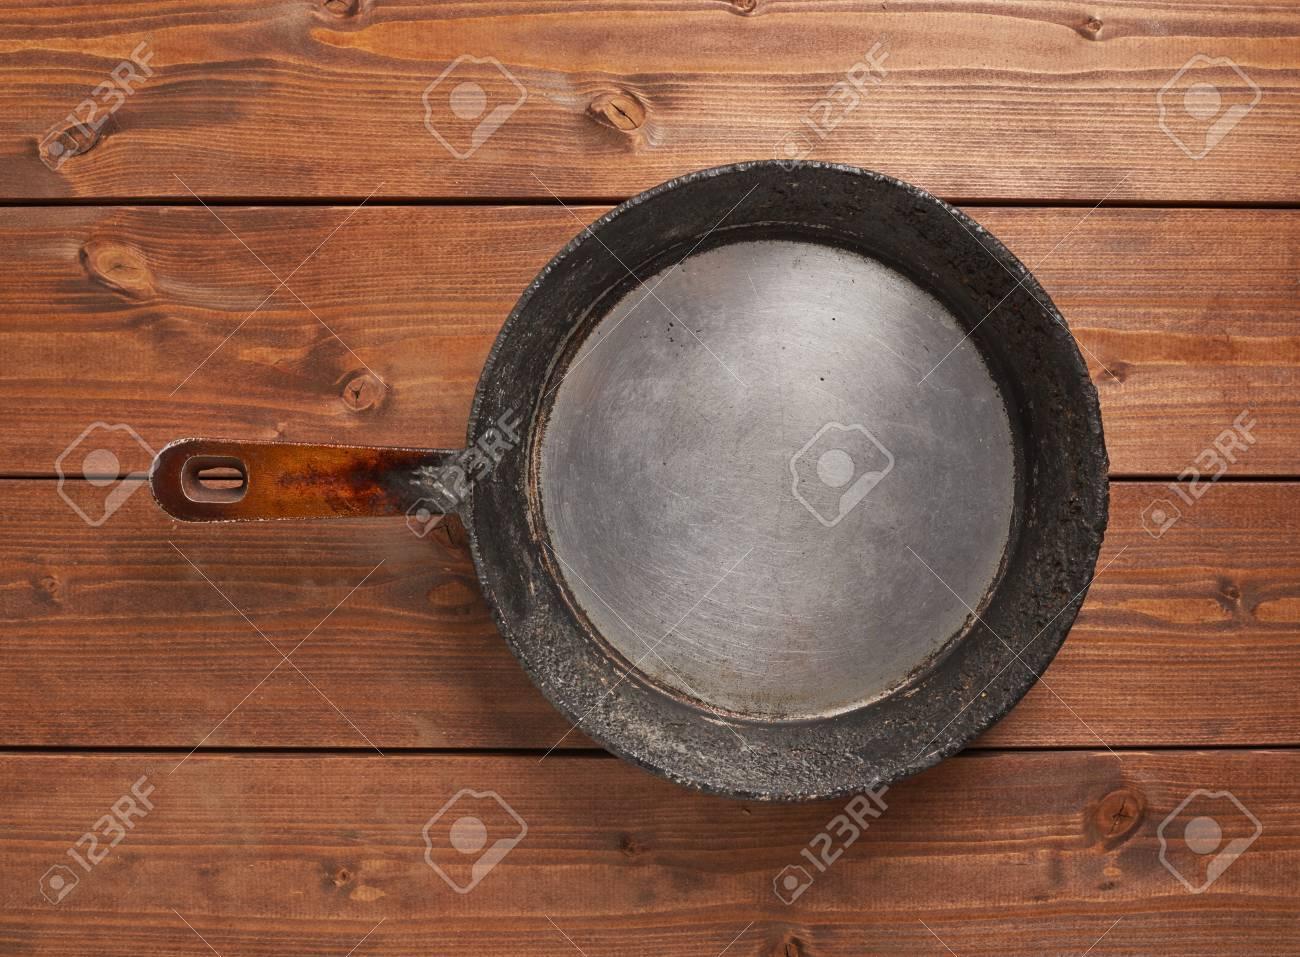 Composición de cocina de la antigua sartén de cocción sobre la superficie  de las mesas de madera